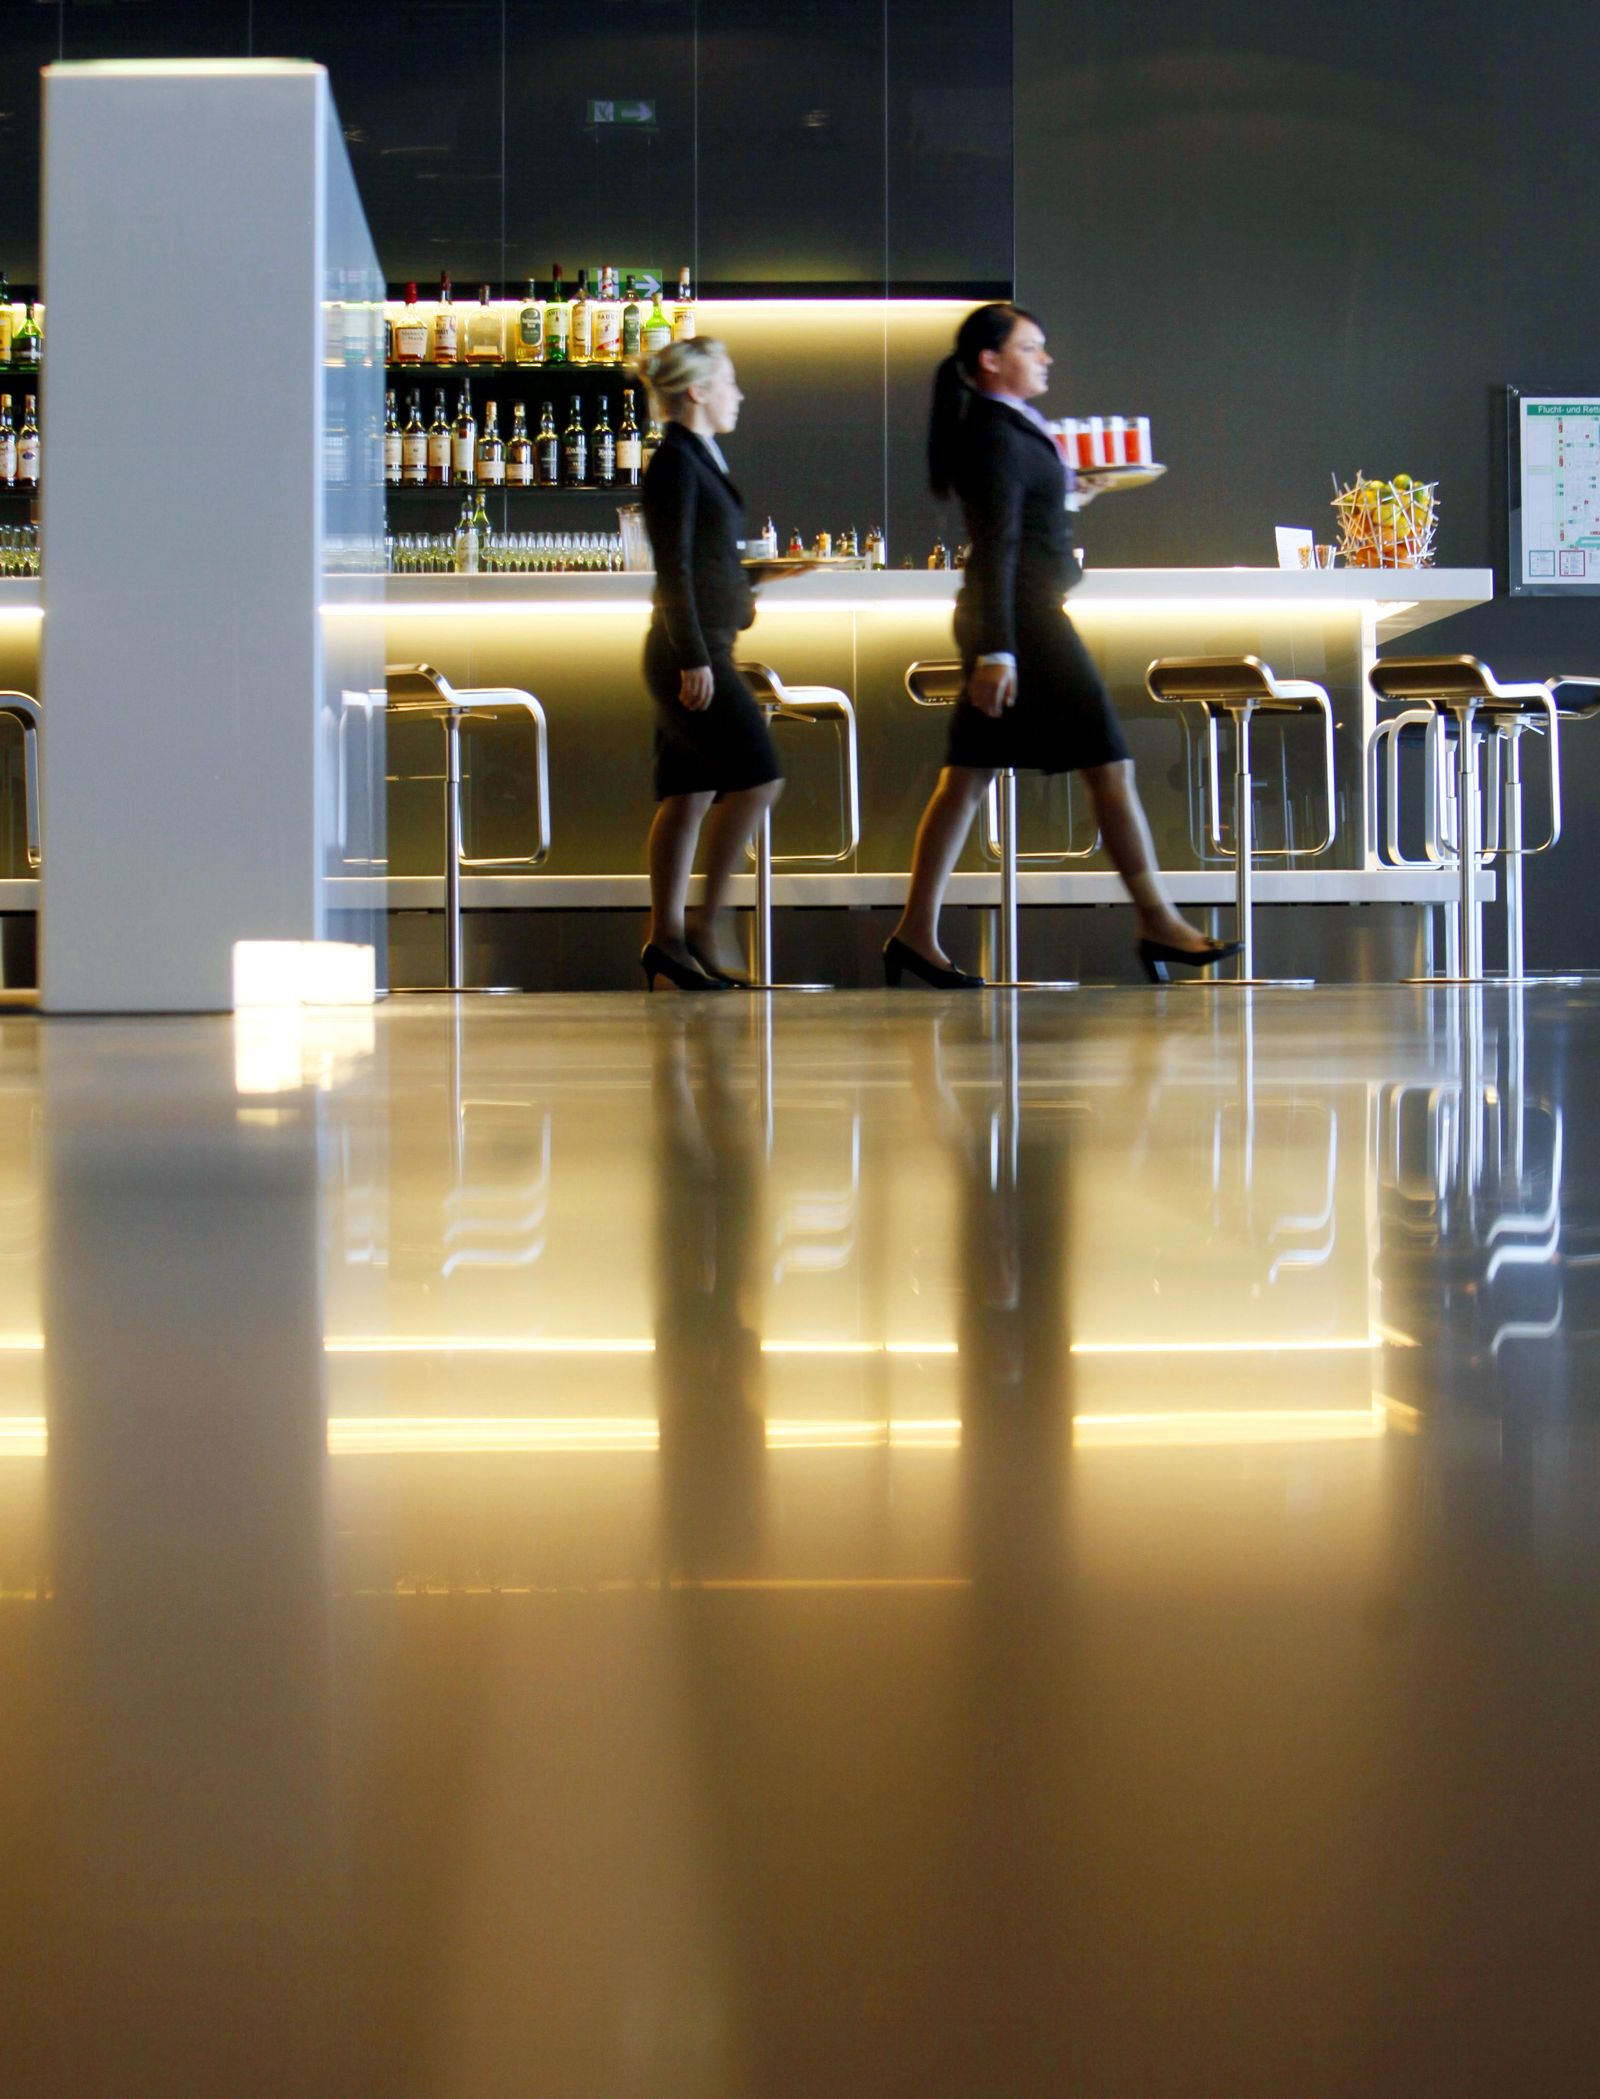 Flughafen / Lufthansa First Class Lounge